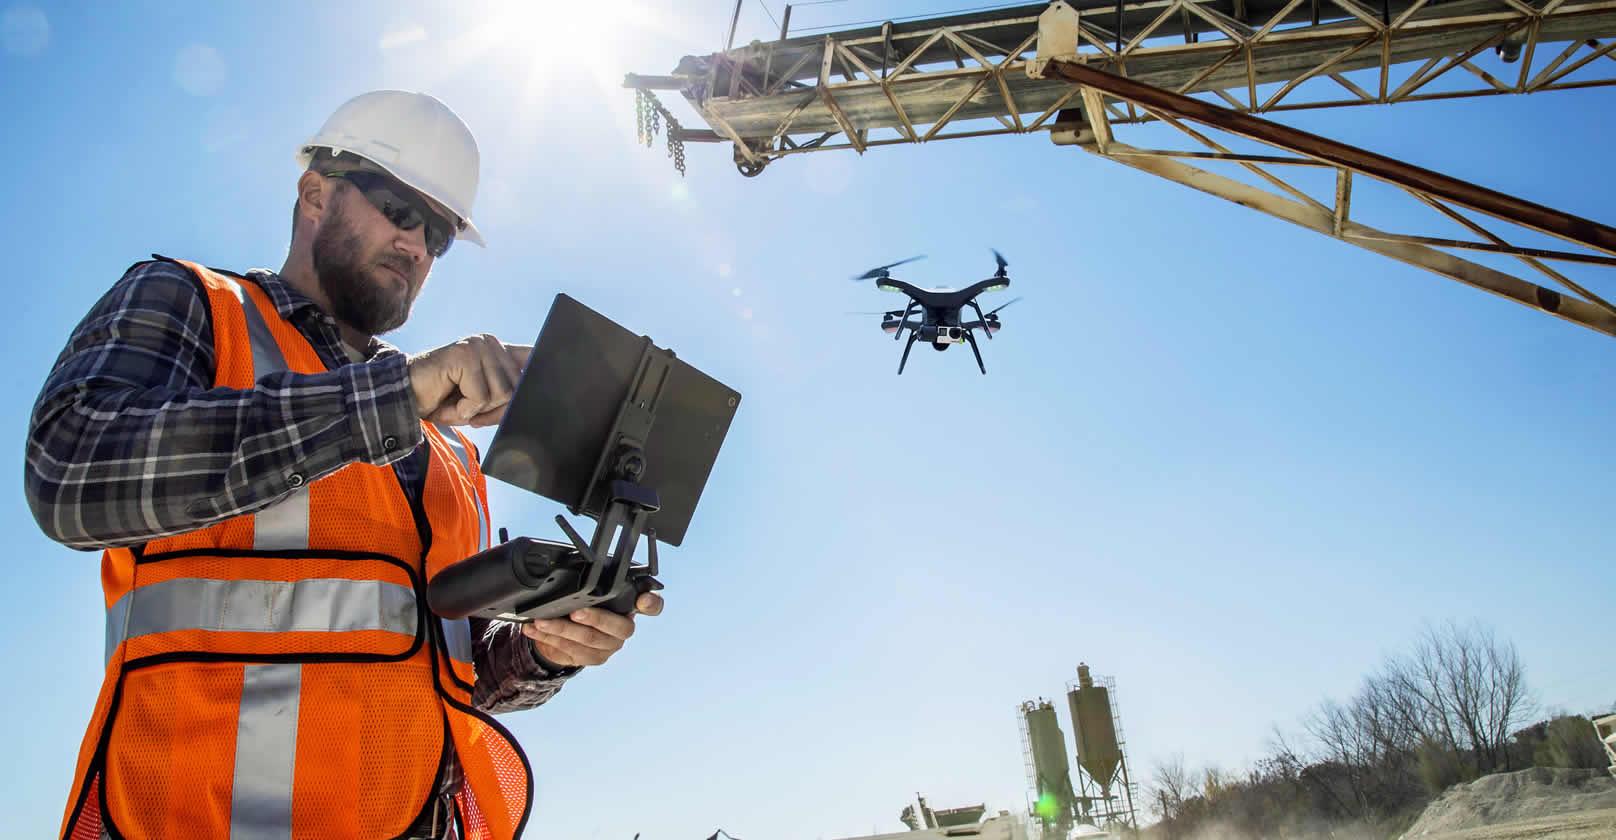 Novas tecnologias na construção civil (2019/2020)